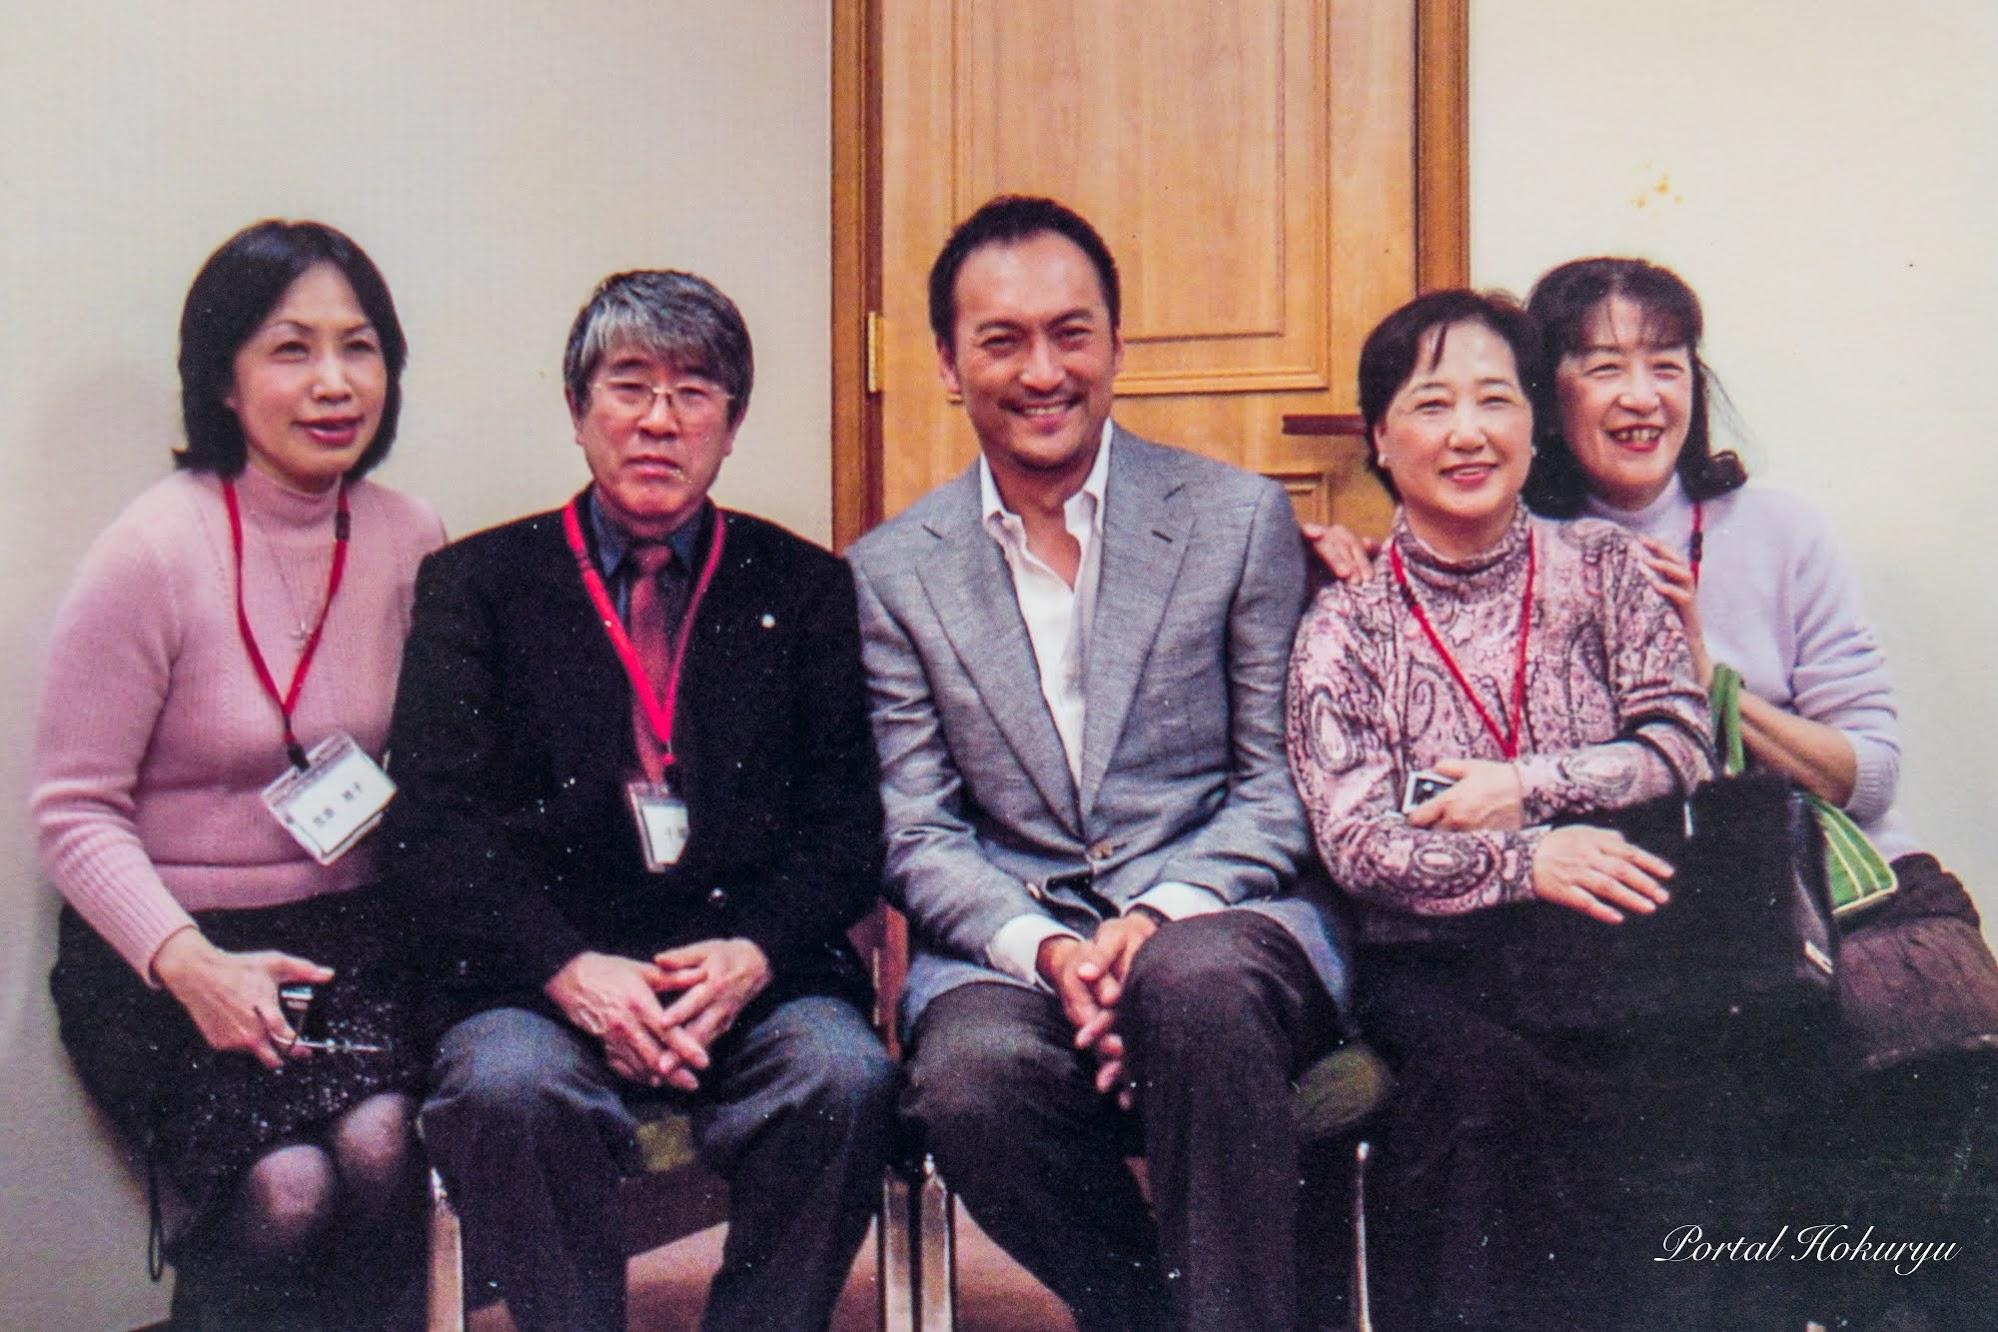 渡辺謙さんと家族会メンバーの方々とご一緒に!!!